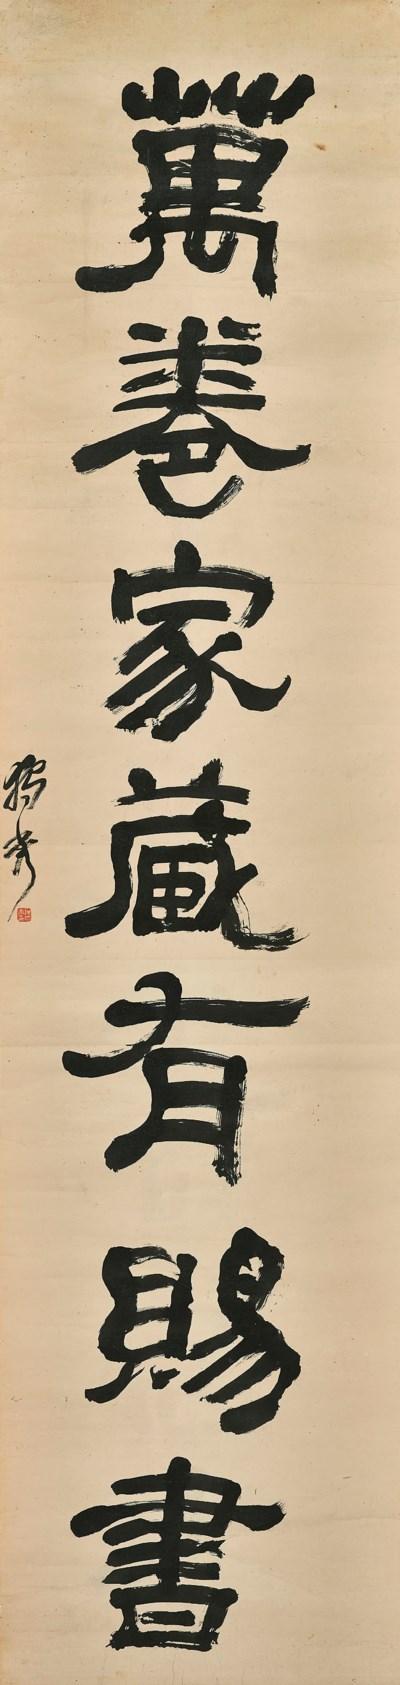 CHEN DUXIU (1879-1942)